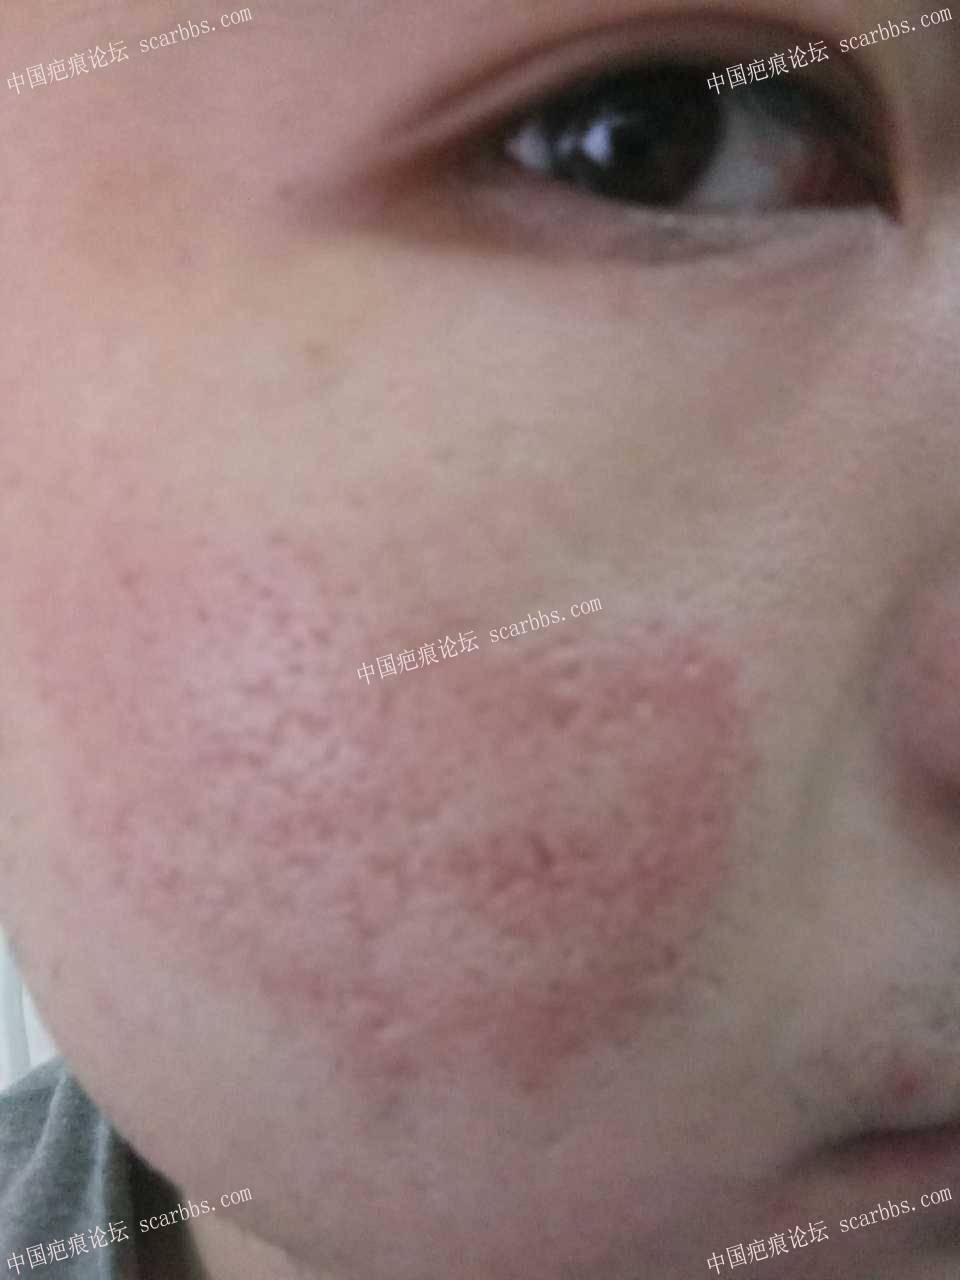 十几次微针治疗大面积痘坑的分享95-疤痕体质图片_疤痕疙瘩图片-中国疤痕论坛